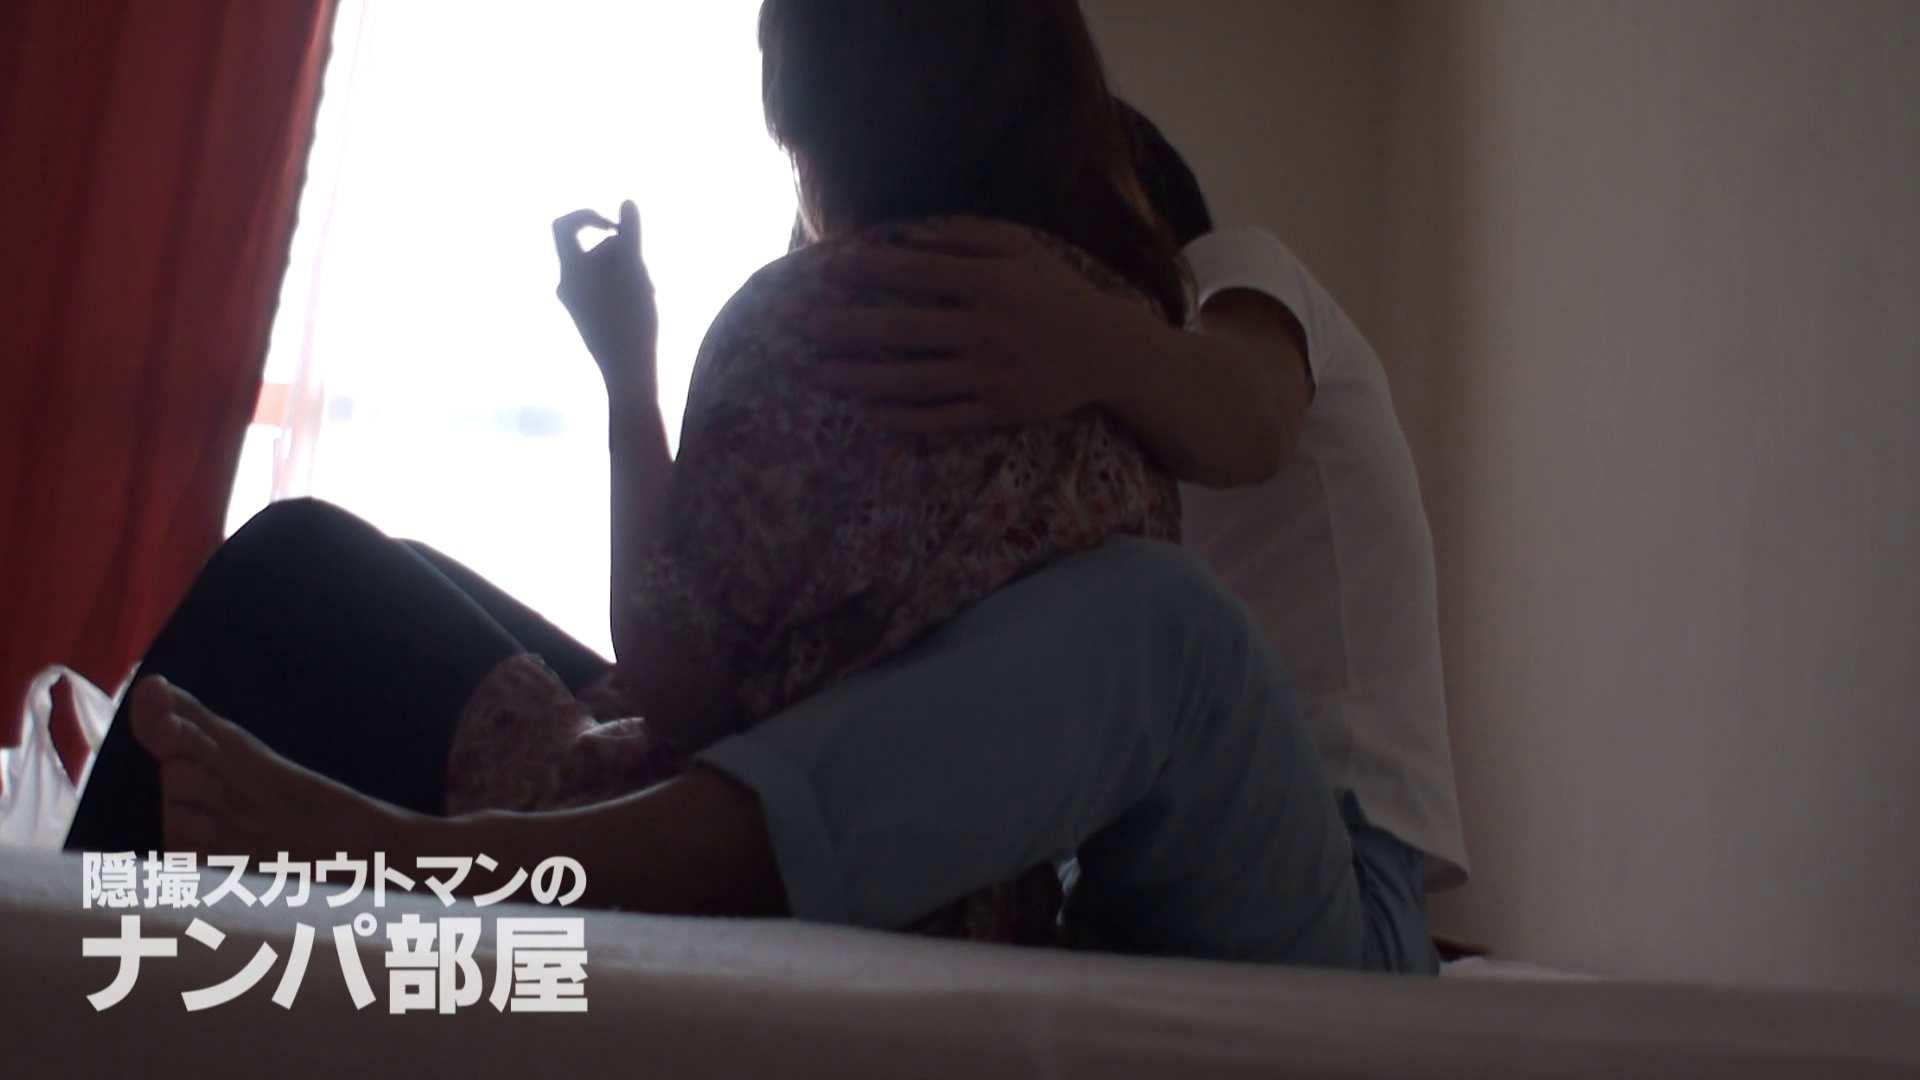 隠撮スカウトマンのナンパ部屋~風俗デビュー前のつまみ食い~ sii 脱衣所 | 隠撮  68画像 20